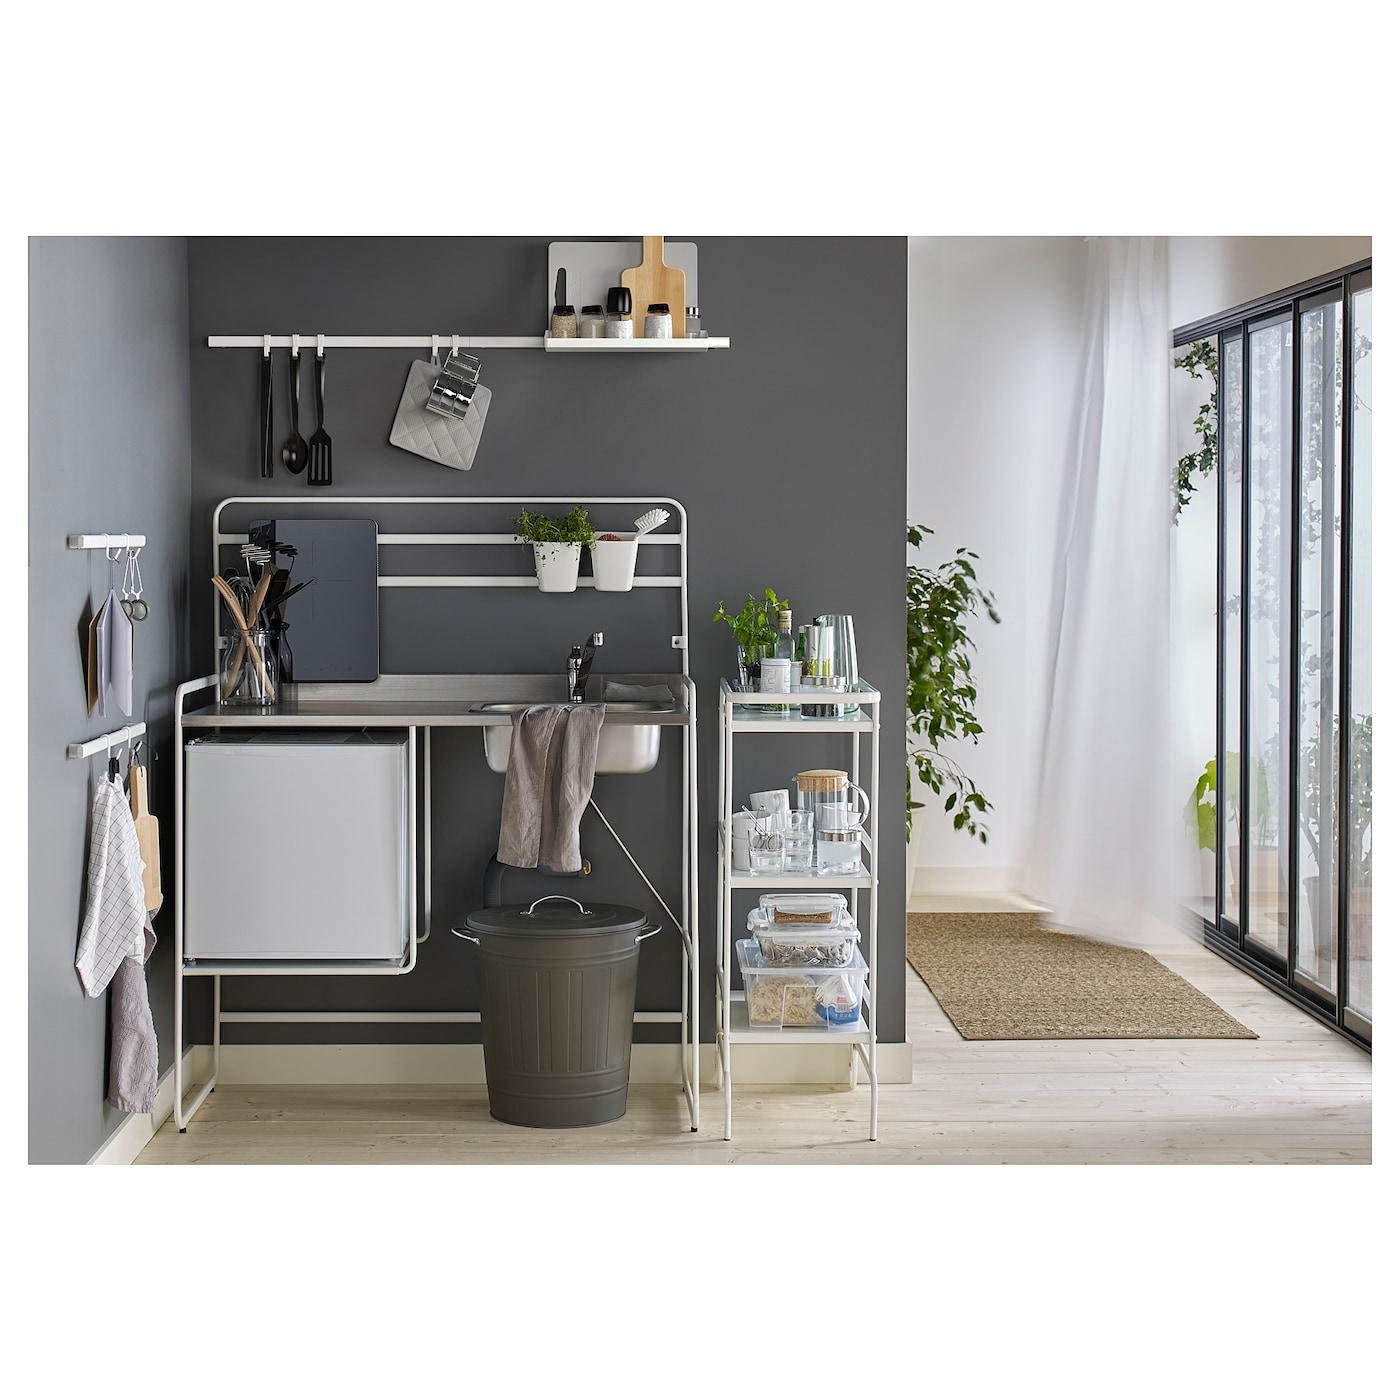 Full Size of Ikea Miniküchen Sunnersta Minikche Jetzt Informieren Deutschland Küche Kosten Betten Bei Sofa Mit Schlaffunktion 160x200 Kaufen Modulküche Miniküche Wohnzimmer Ikea Miniküchen